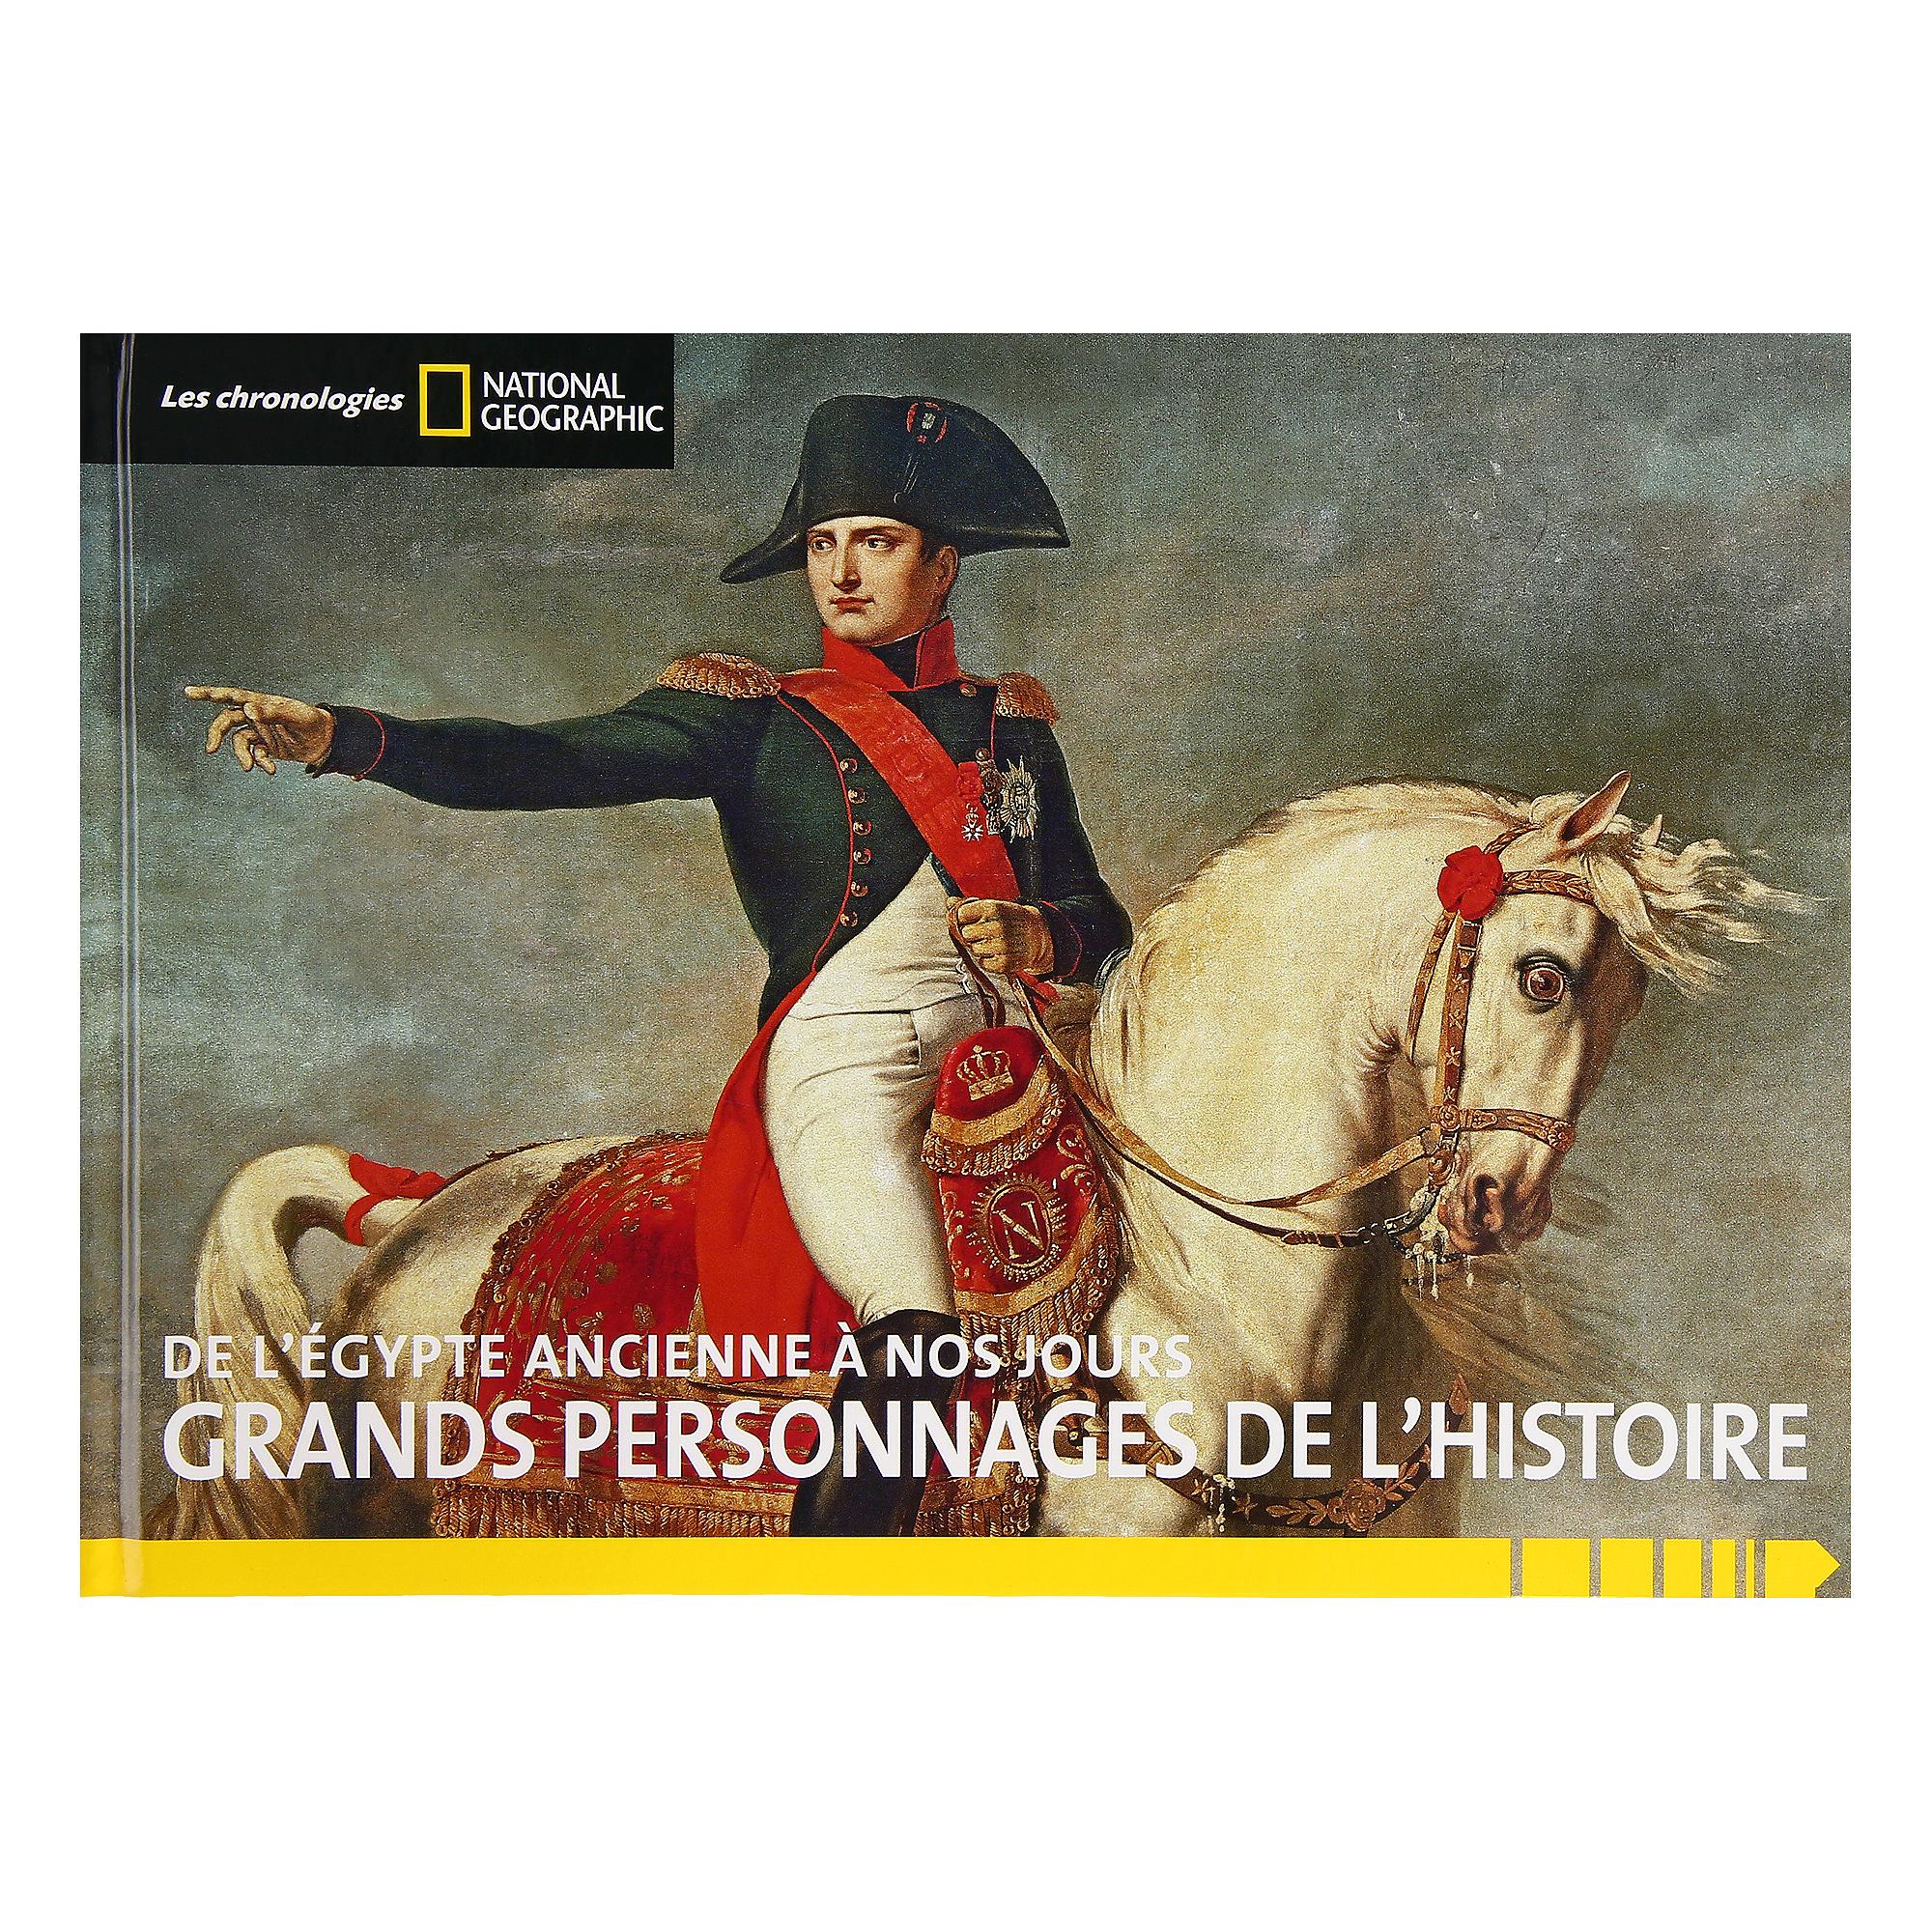 Livre National Geo - Grands personnages de l'histoire - 320 pages